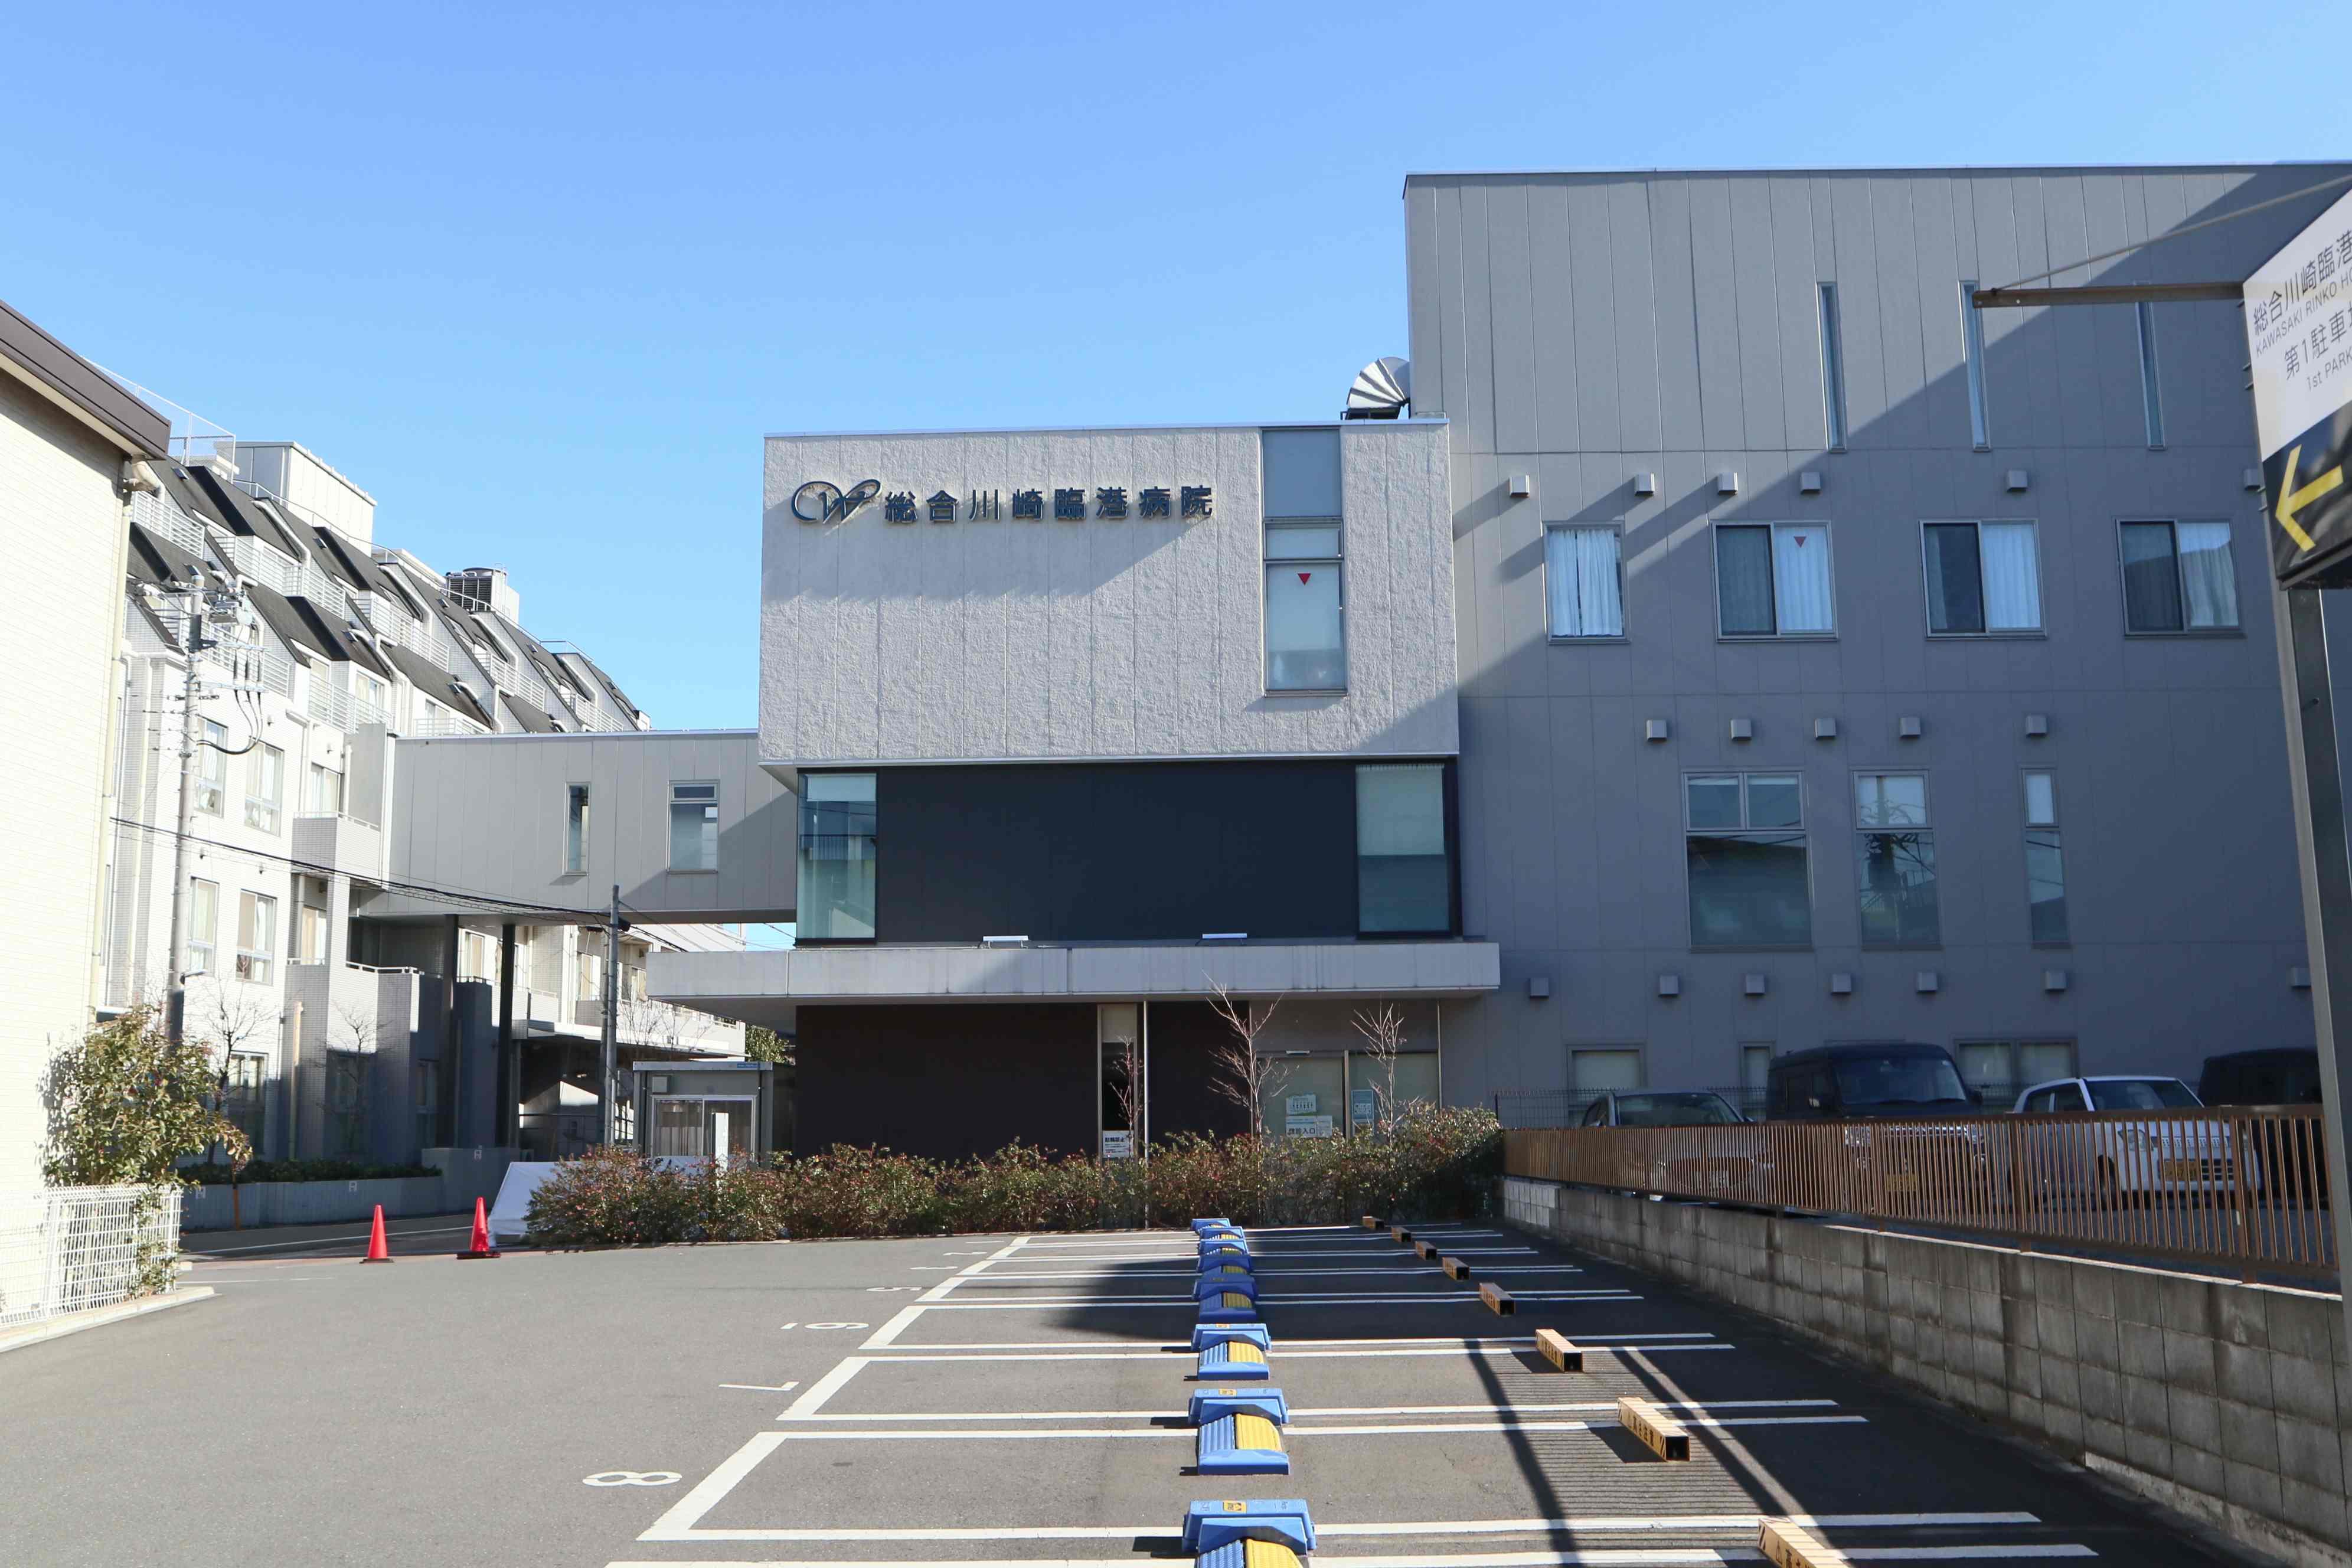 総合川崎臨港病院 徒歩約12分(約926m)